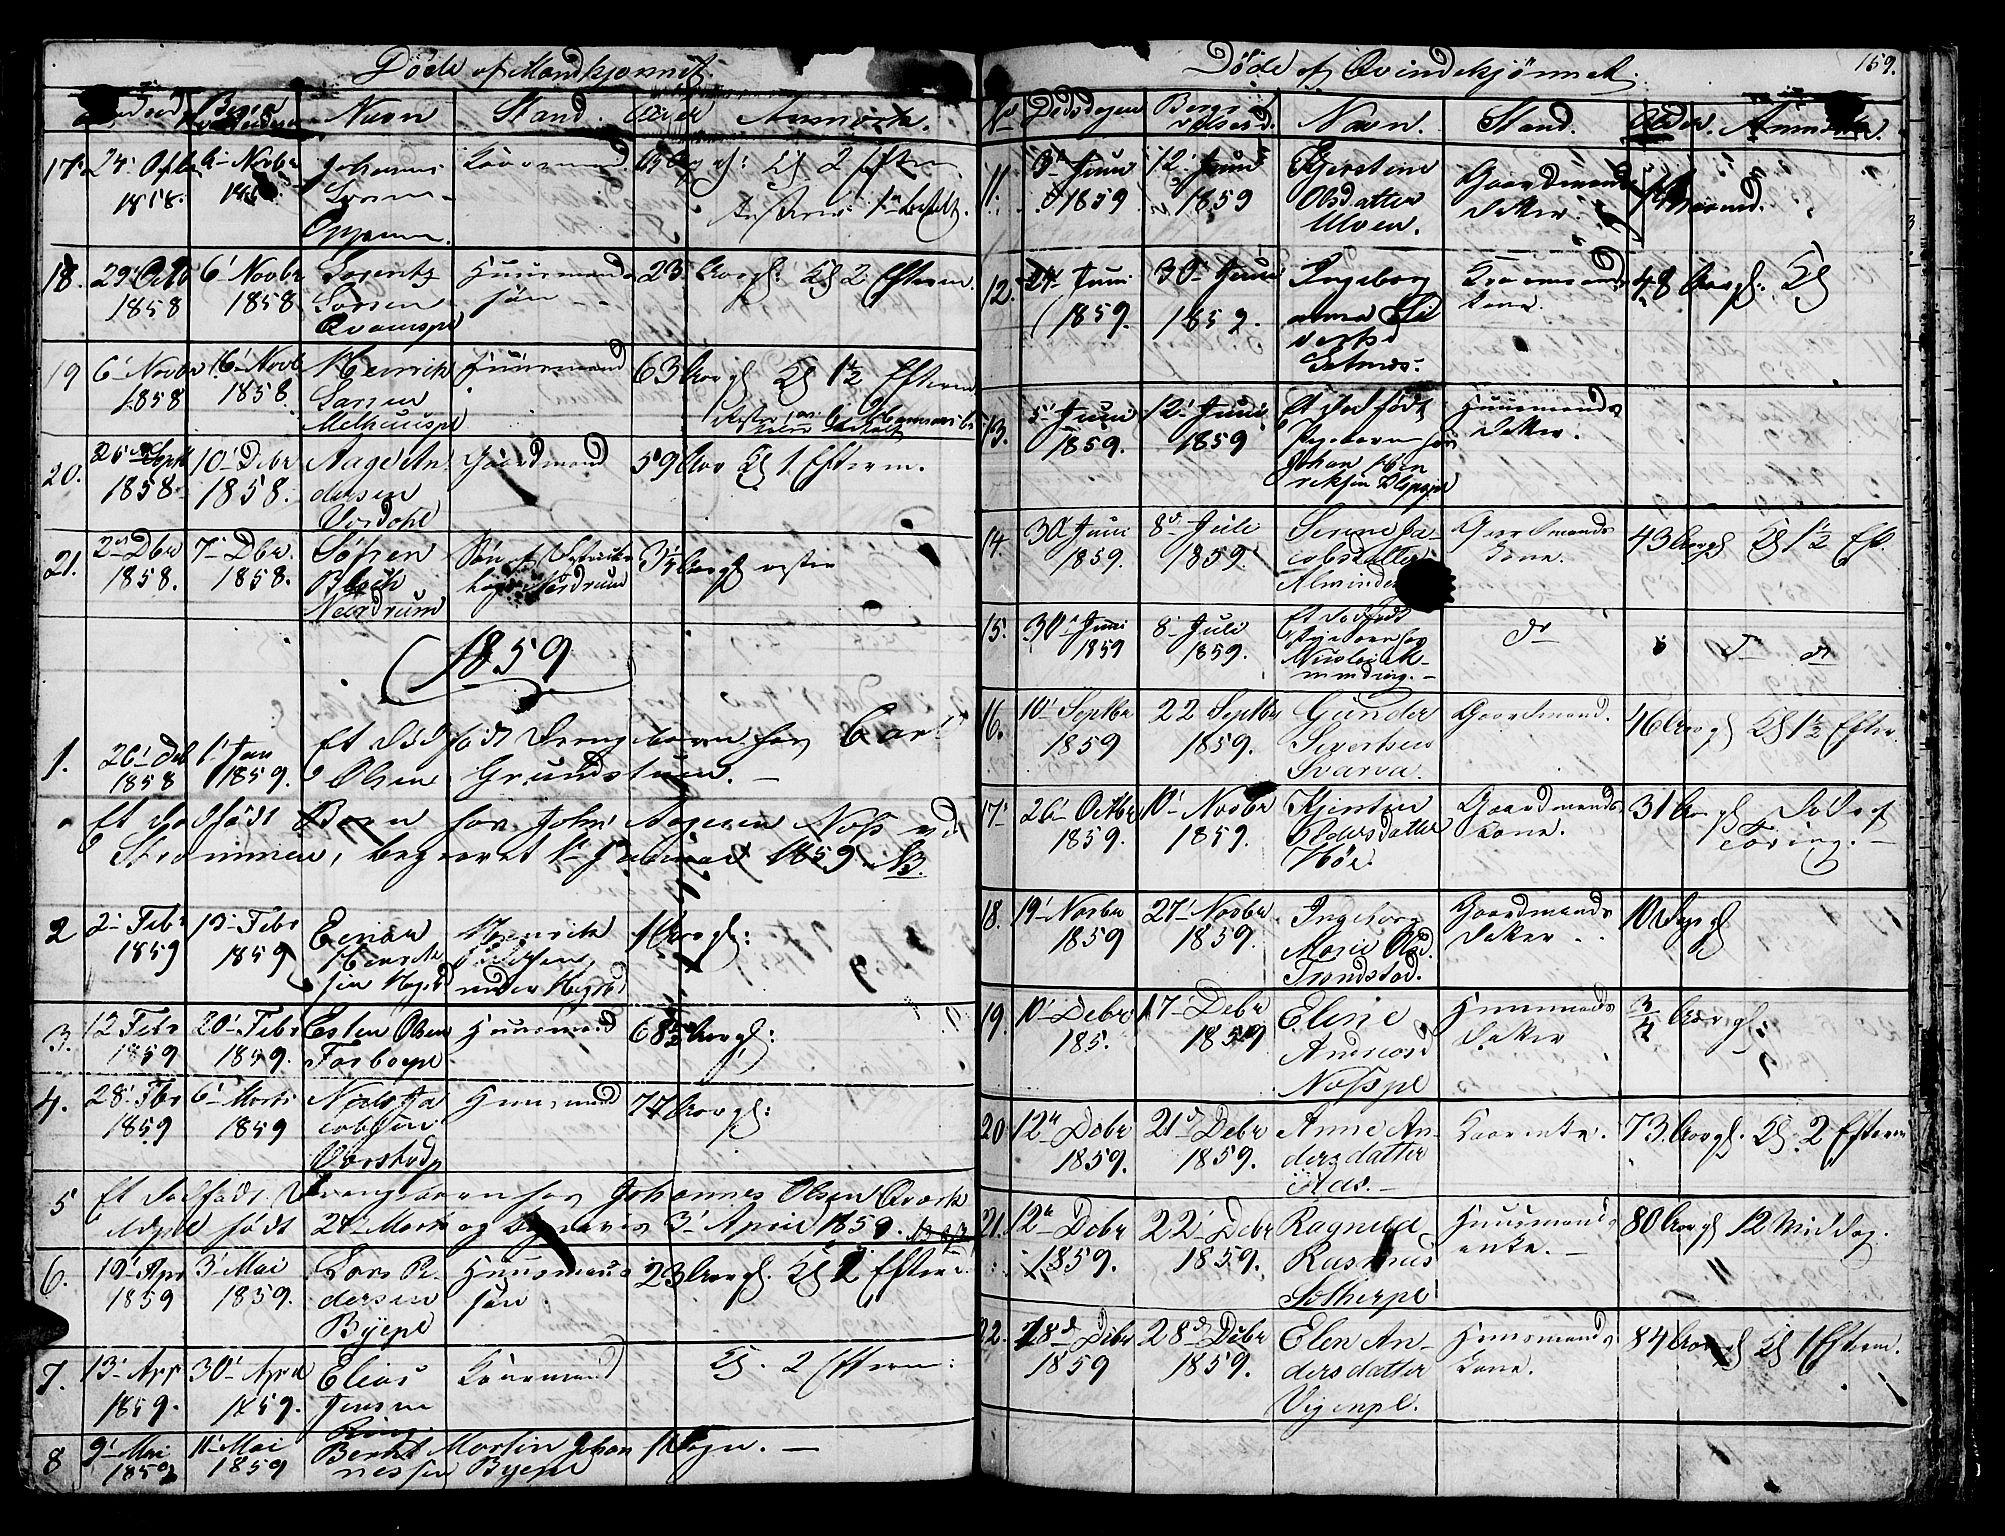 SAT, Ministerialprotokoller, klokkerbøker og fødselsregistre - Nord-Trøndelag, 730/L0299: Klokkerbok nr. 730C02, 1849-1871, s. 159